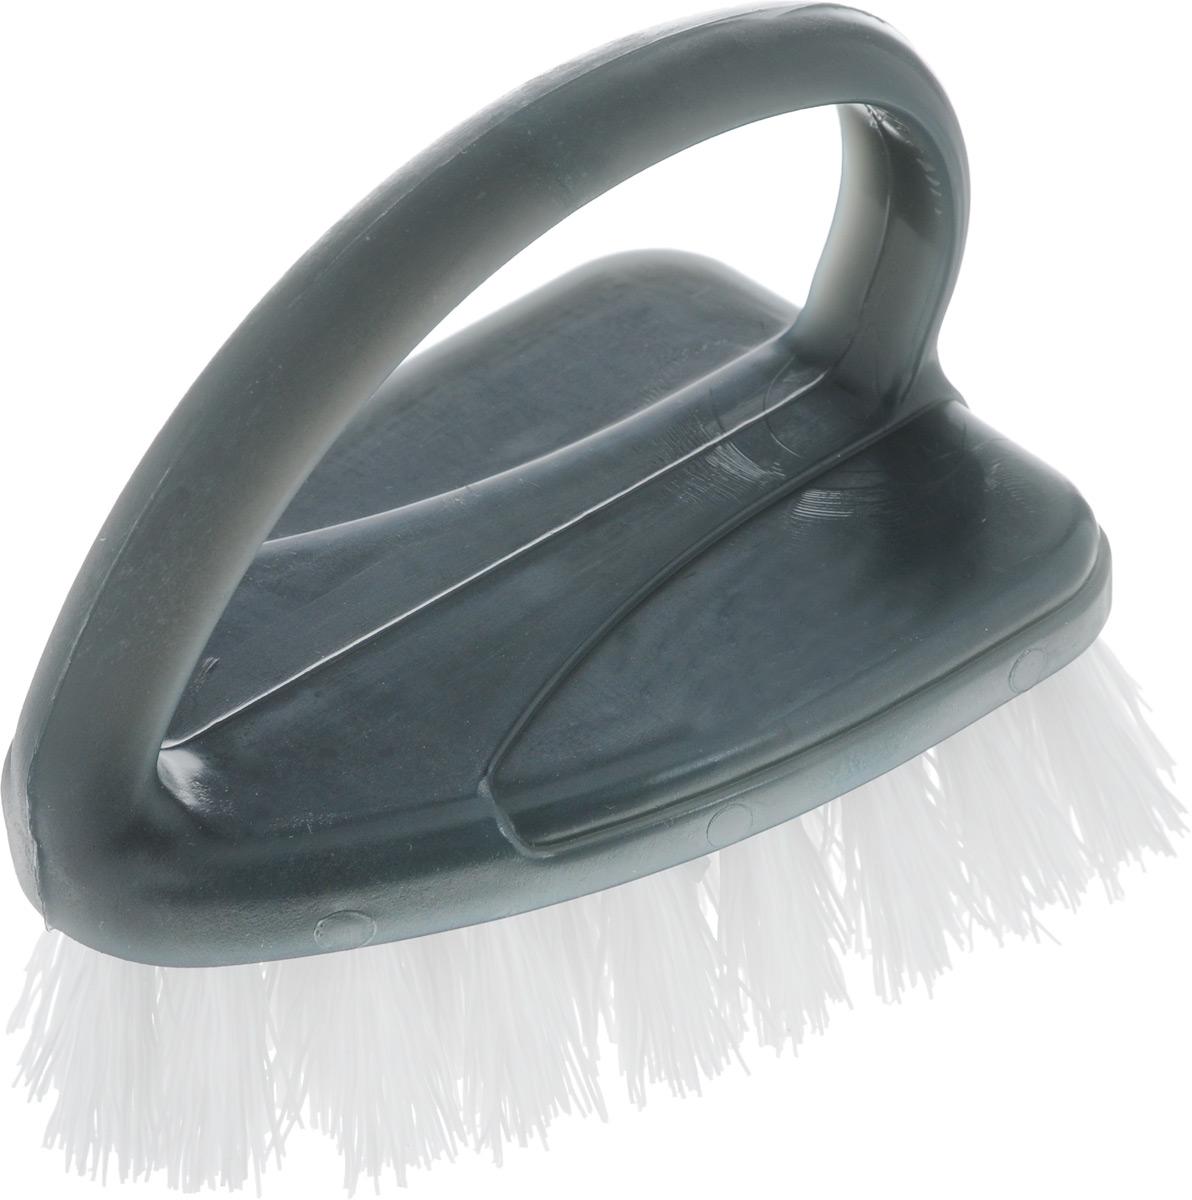 Щетка для одежды Svip Утюжок Мини, цвет: серебряный, белый, 9,5 х 6 х 8,5 смIRK-503Щетка Svip Утюжок Мини, изготовлена из высокопрочного пластика ипредназначена для удаления ворсинок, волос, пыли и шерсти животных, с различныхповерхностей. Может использоваться для мягкой мебели и салона автомобиля.Ручка, расположенная сверху, сделана как у утюжка, которая обеспечивает удобство при работе сней.Щетина средней жесткости не повреждает поверхность. Благодаря качественной щетине, щетка прослужит долгое время. Щетка Svip Утюжок Мини, станет незаменимым аксессуаром в вашем доме или автомобиле.Длина щетины: 2,5 см, Размер щетки: 9,5 х 6 х 8,5 см.